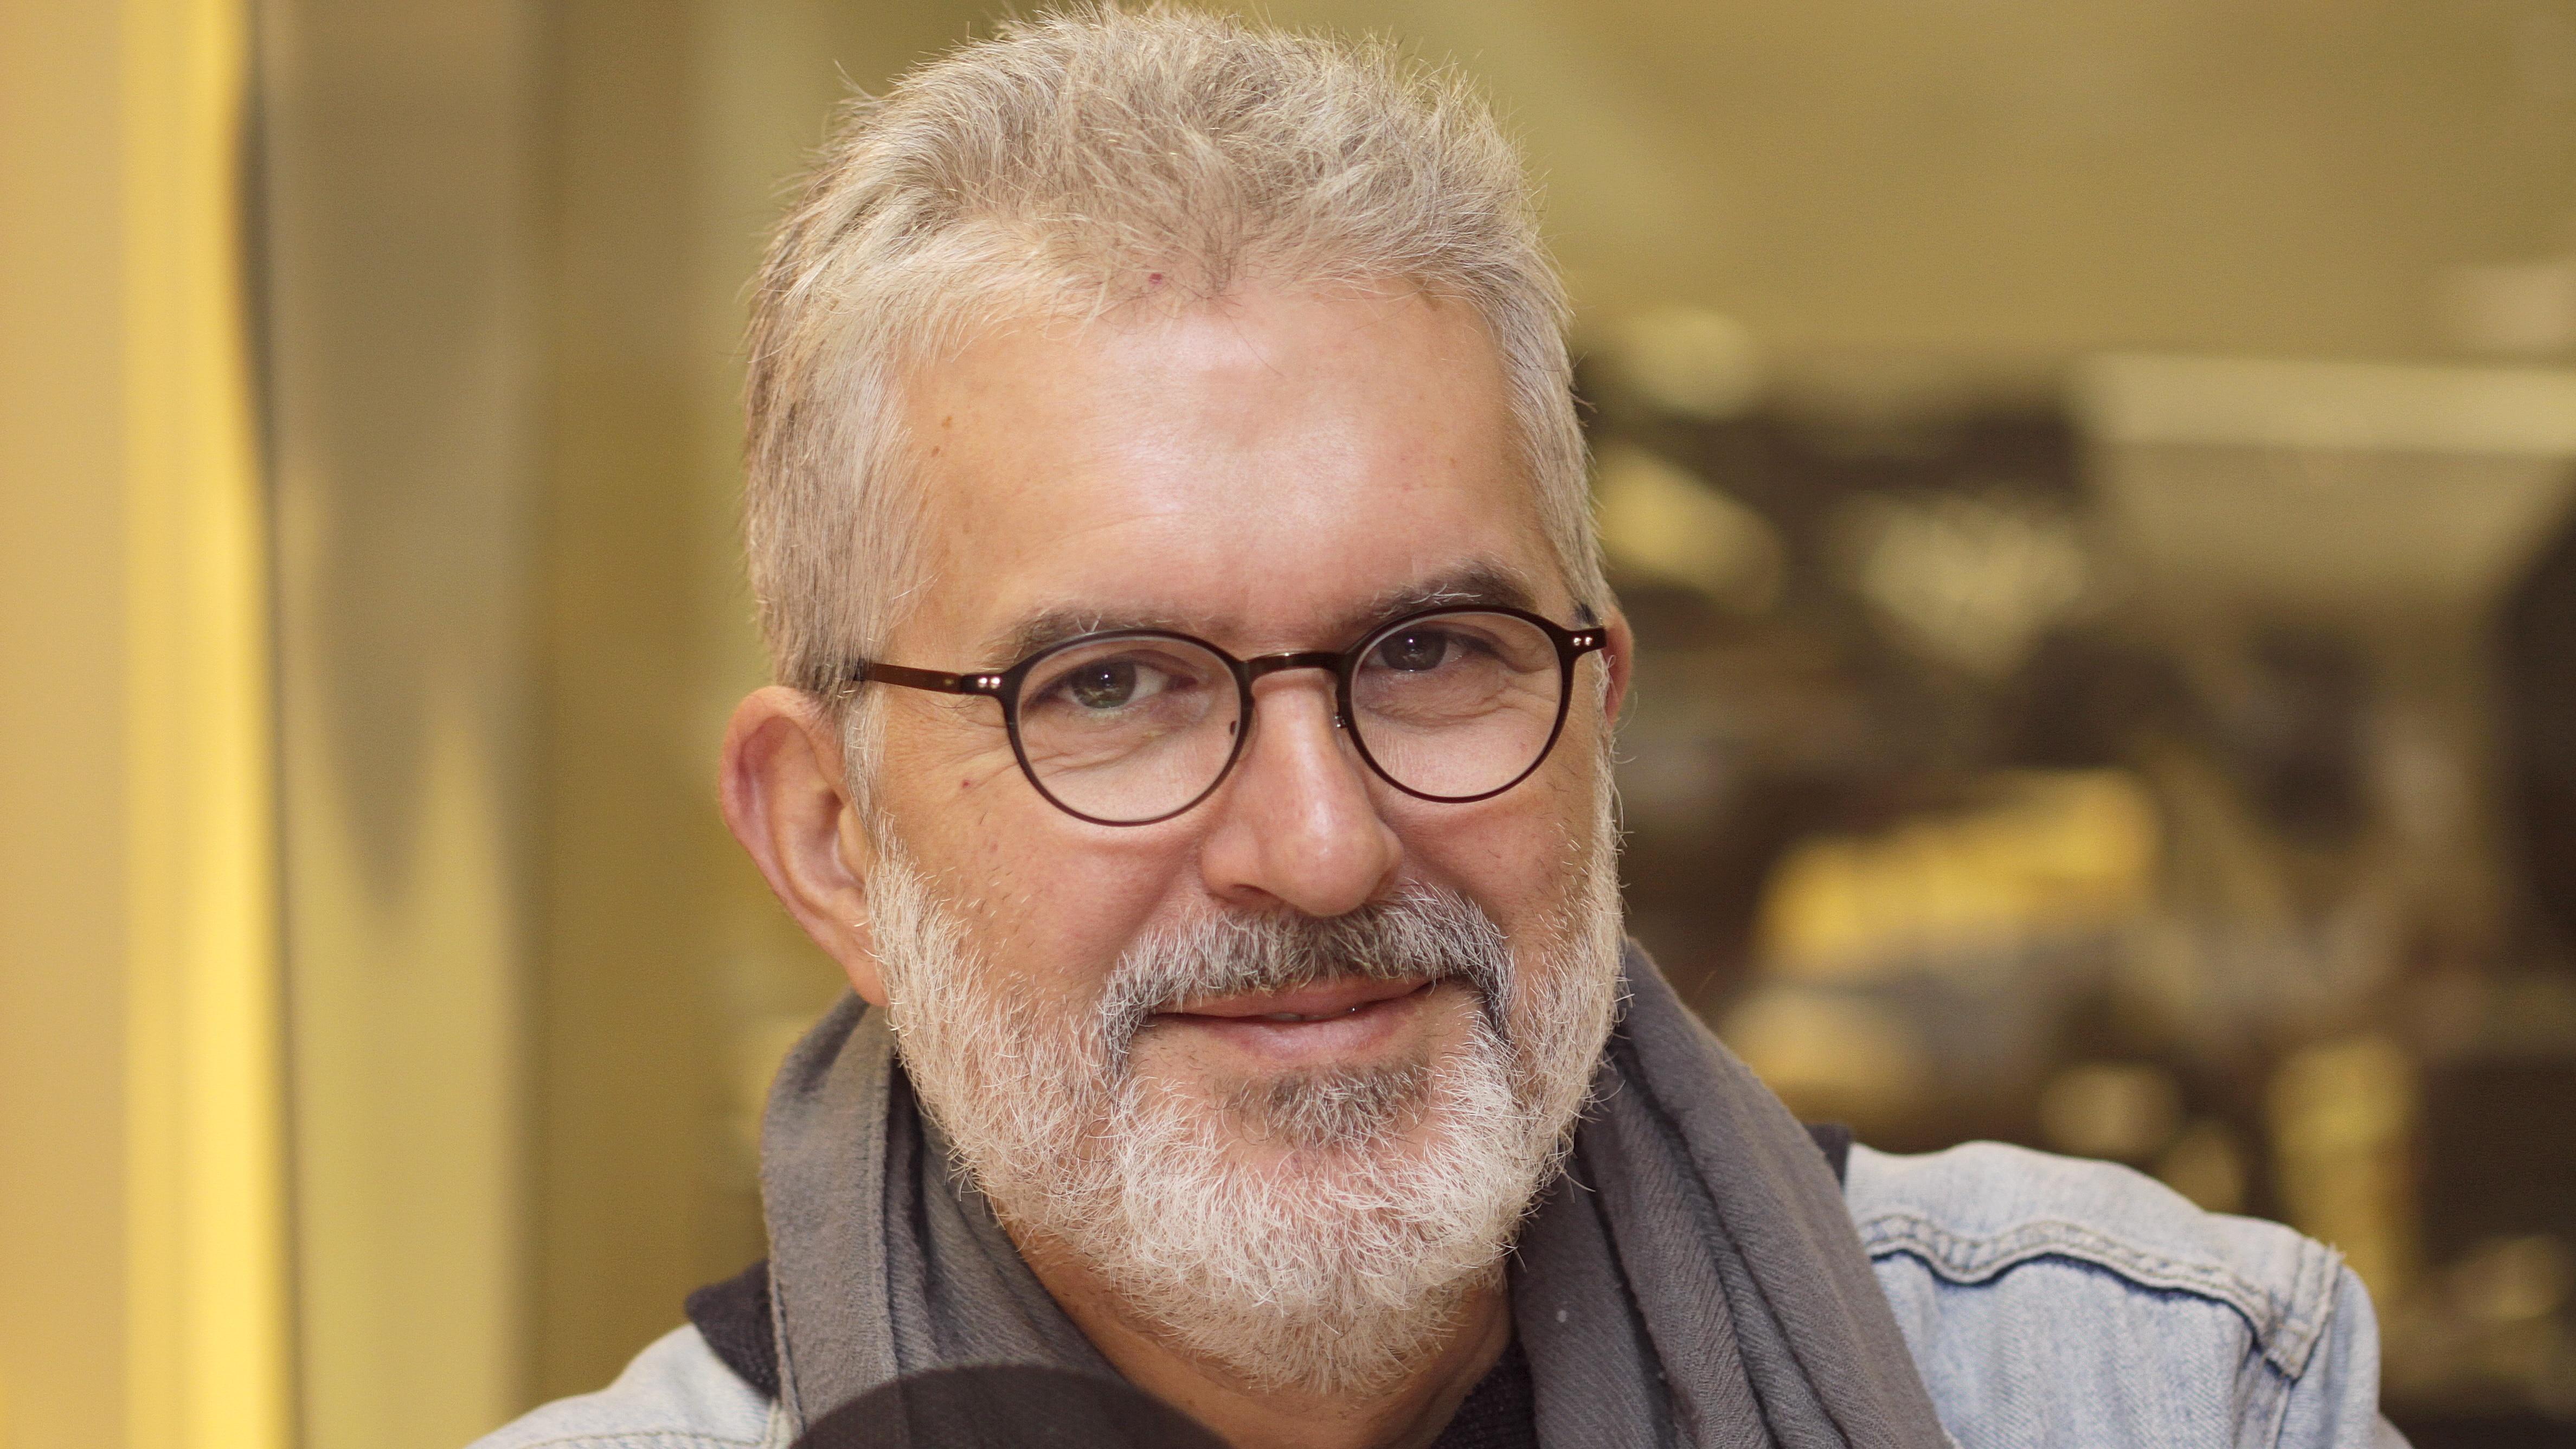 Stéphane Garneau, chroniqueur techno. Il remplace également Joel Le Bigot à l'animation à l'occasion.